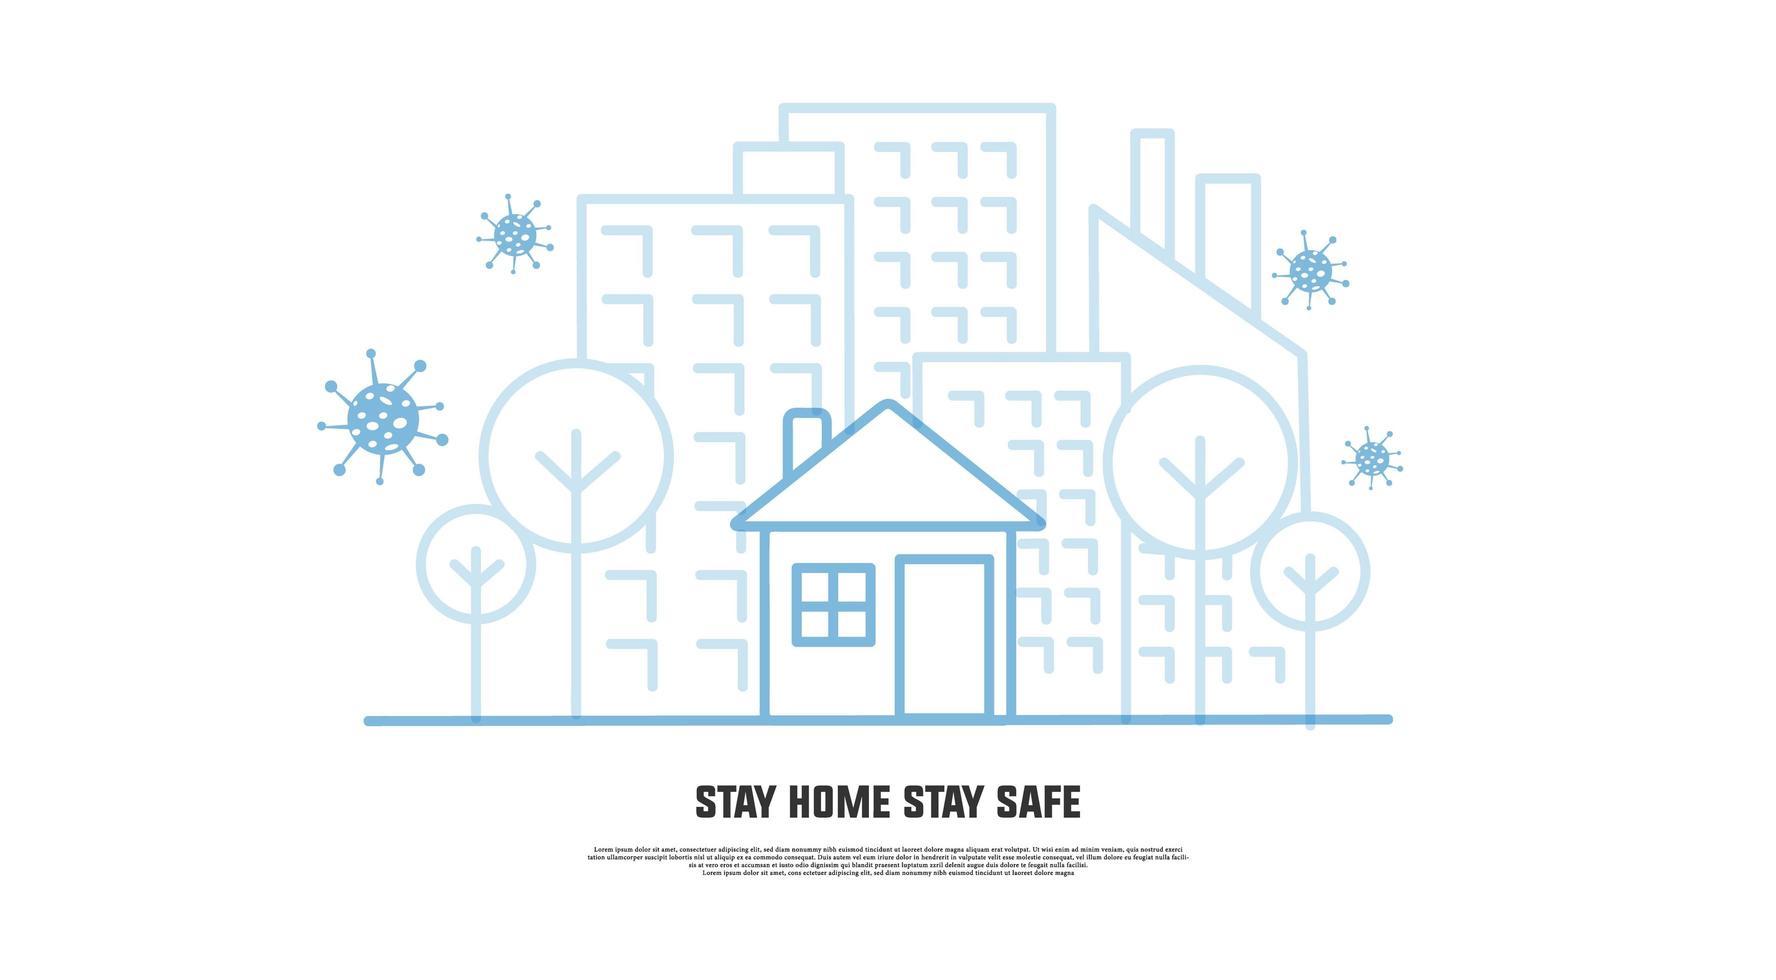 rester à la maison rester en sécurité éviter la bannière d'art de ligne de coronavirus vecteur